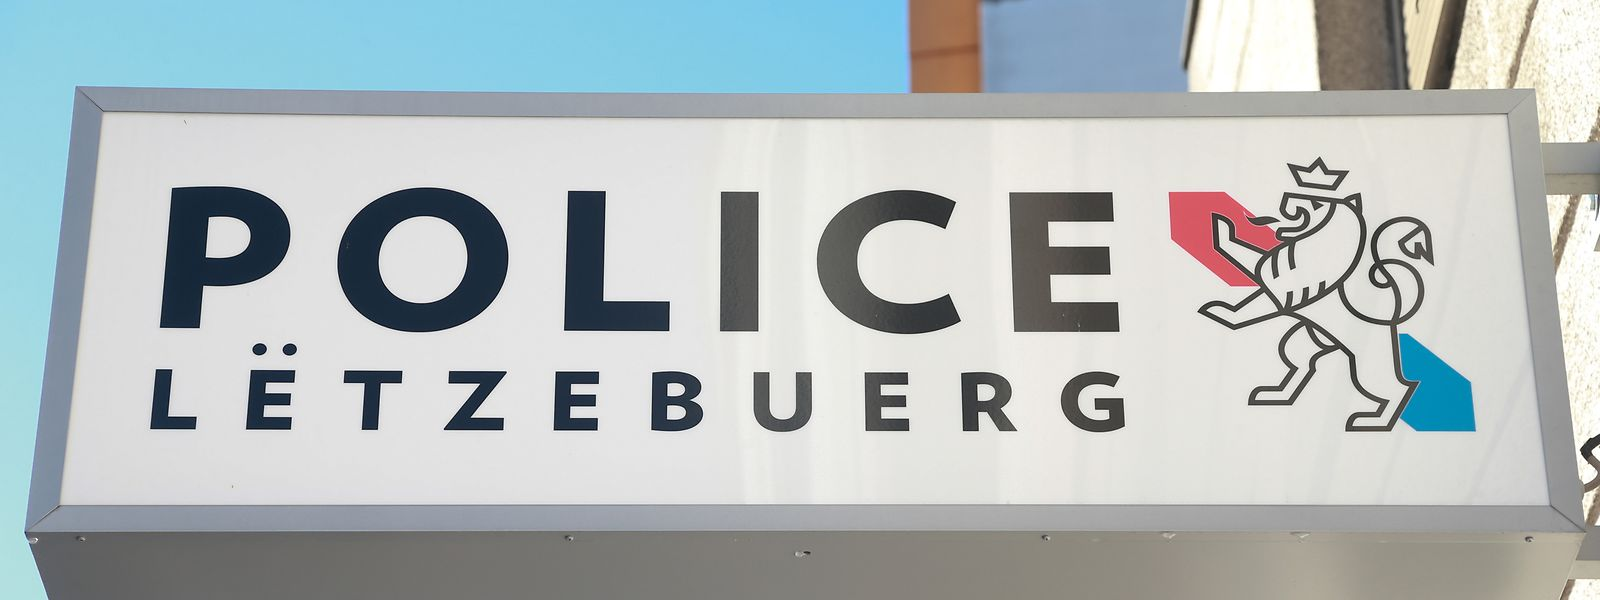 Die Polizei sucht flüchtige Täter.